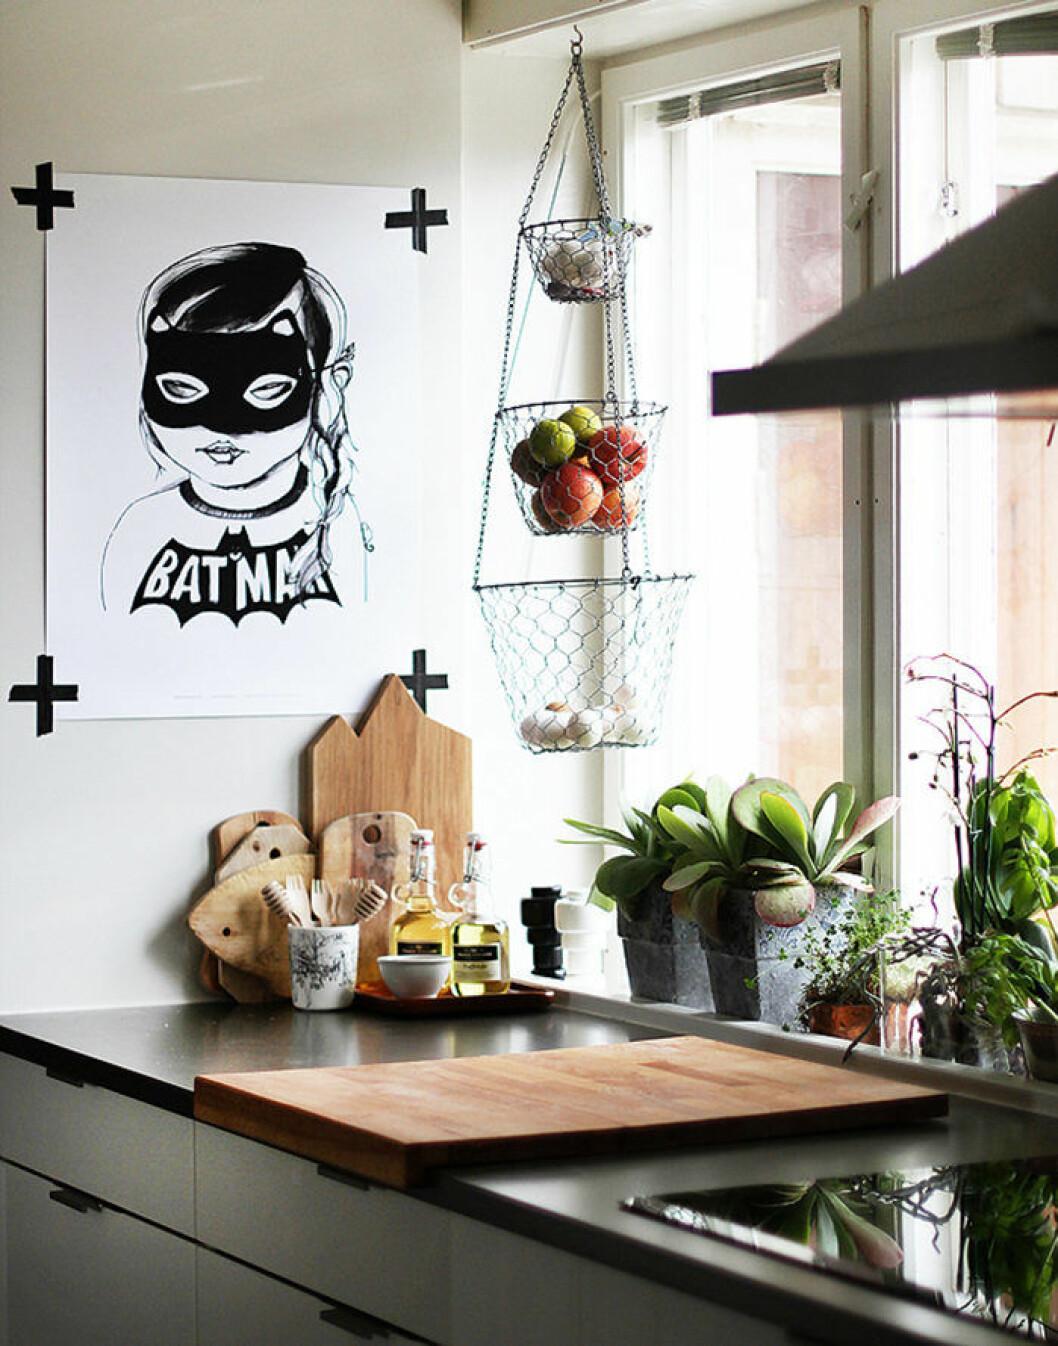 Grafisk konst i form av Batman-teckning hängandes på väggen i köket